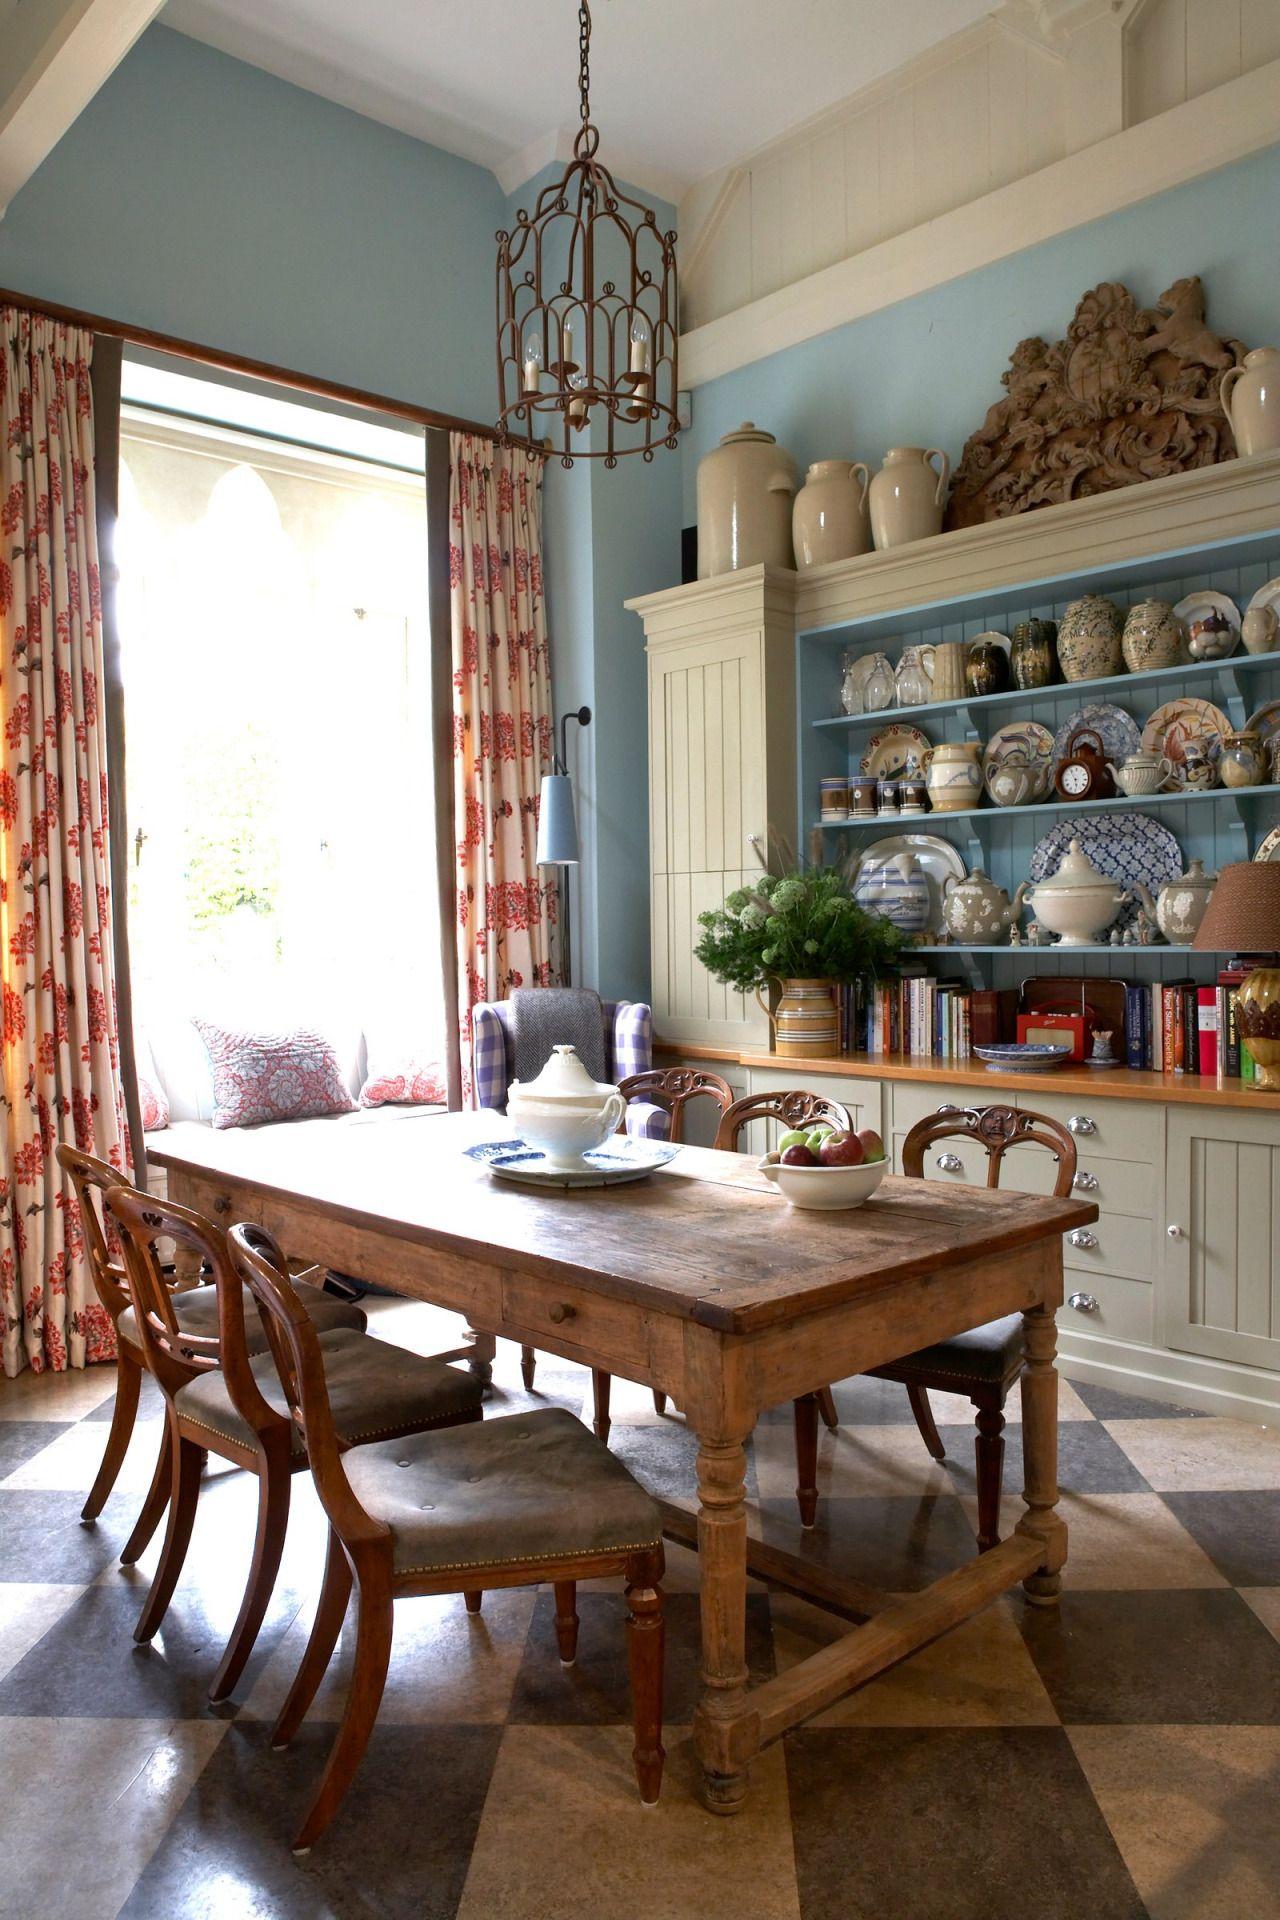 English country kitchen William Yeoward. I like some of